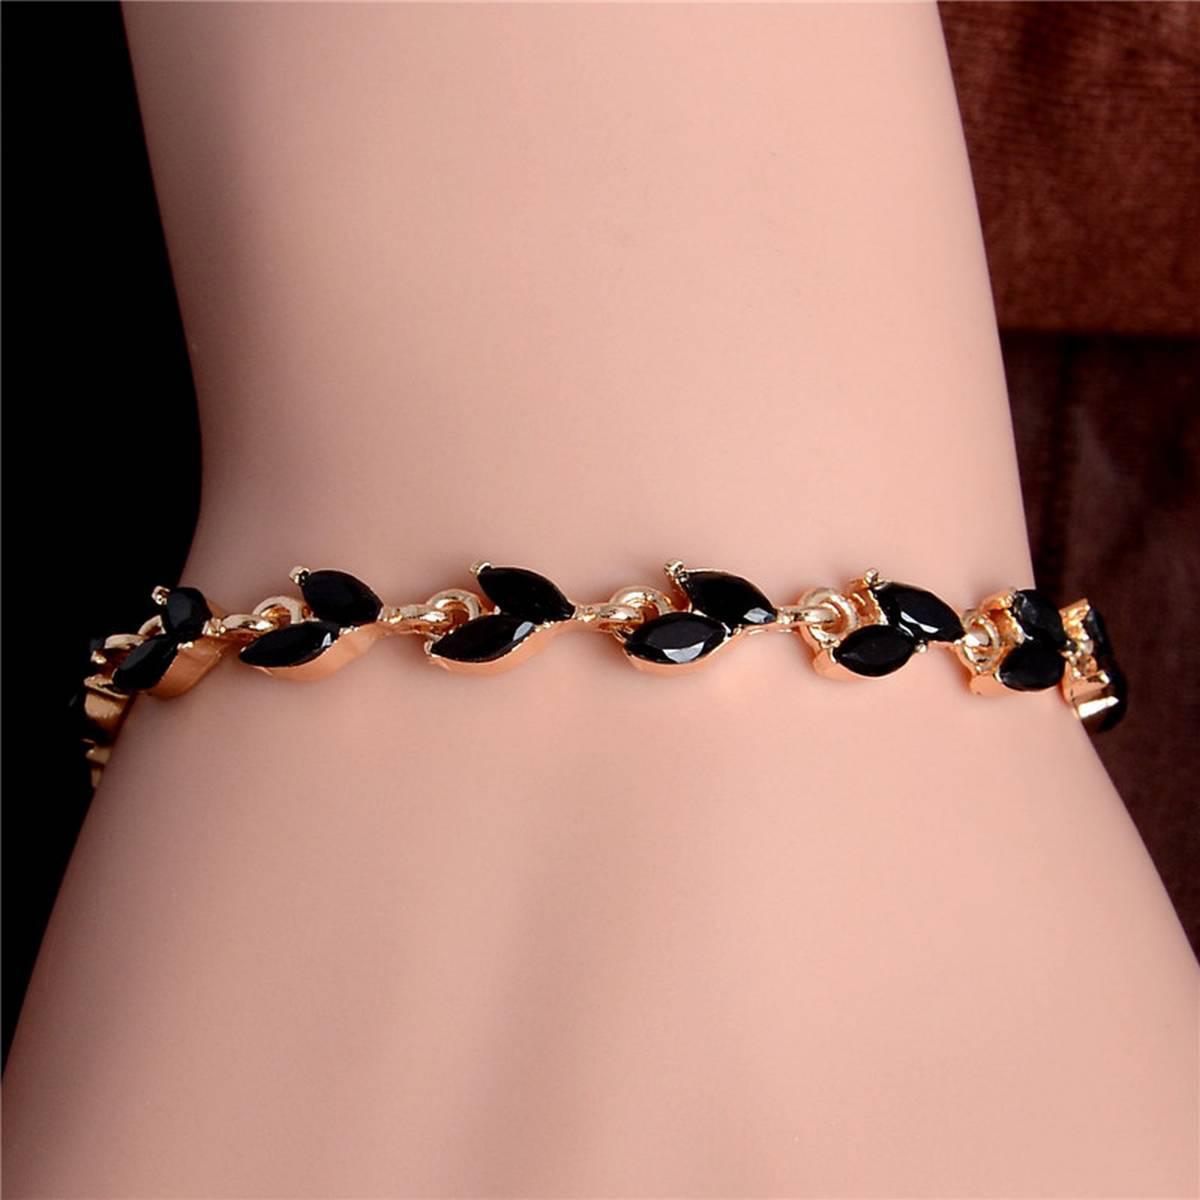 girls Bracelets ladies Bracelets women Bracelets love Bracelets casual fashion Fine jewelry Bracelets friendship Bracelets Romantic Love Gift Bracelets Leave Shape Bracelets